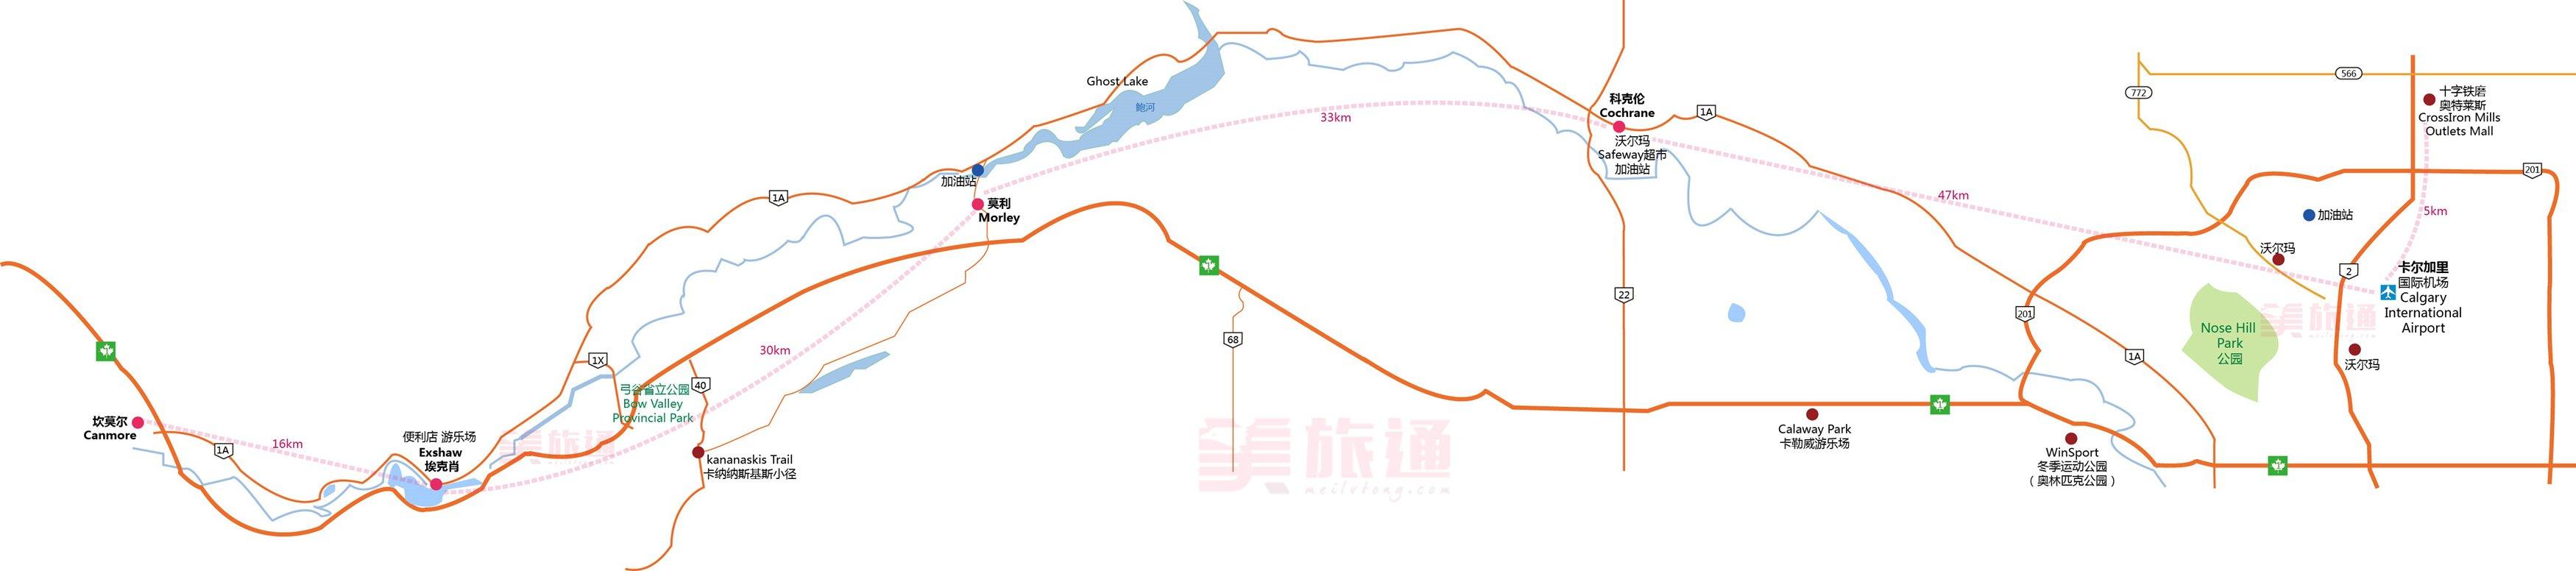 卡尔加里―坎莫尔沿线地图标注_副本.jpg